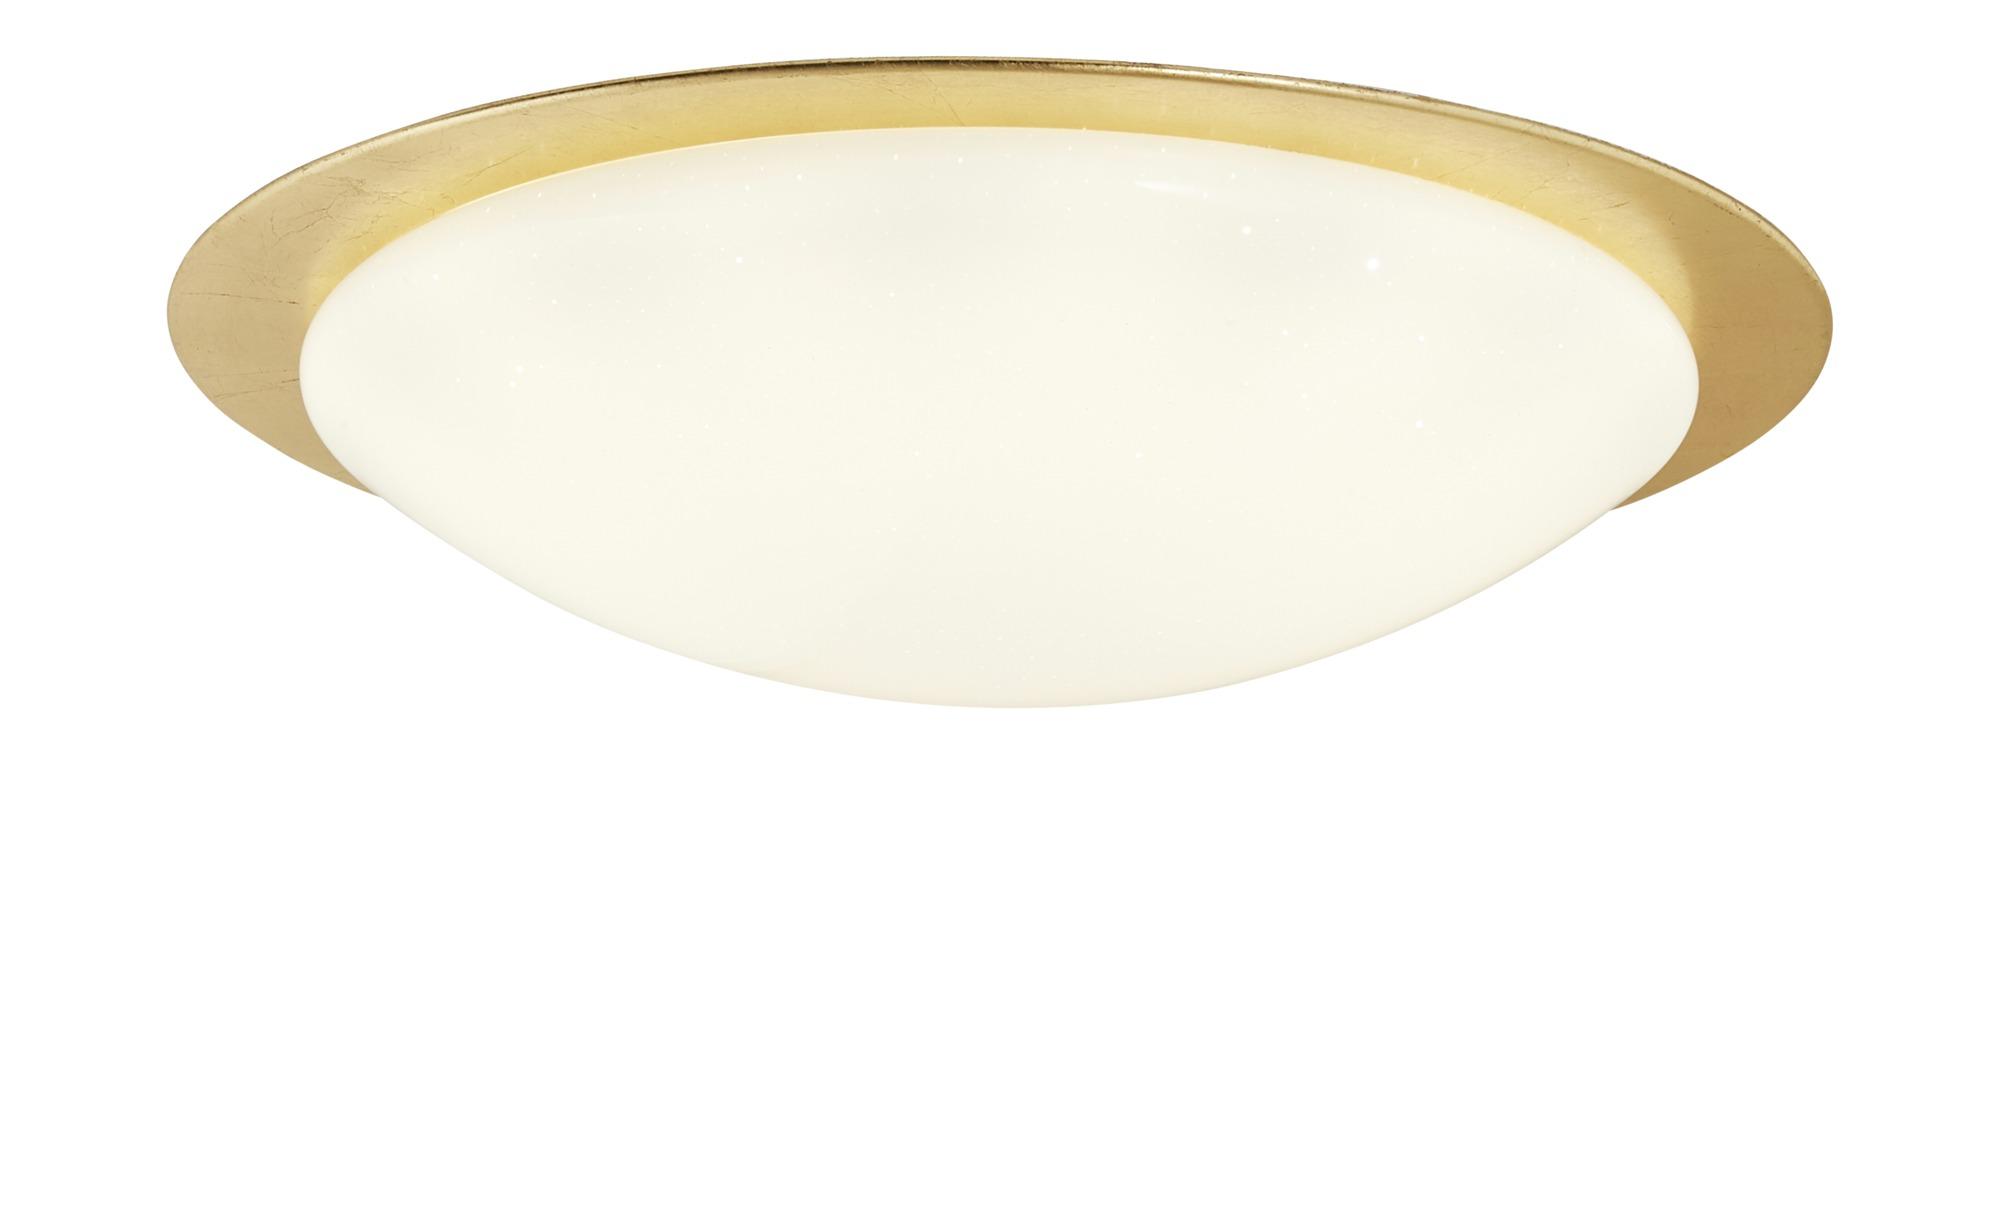 KHG LED-Deckenleuchte, 1-flammig, goldfarben ¦ gold ¦ Maße (cm): H: 12 Ø: [42.5] Lampen & Leuchten > Innenleuchten > Deckenleuchten - Höffner